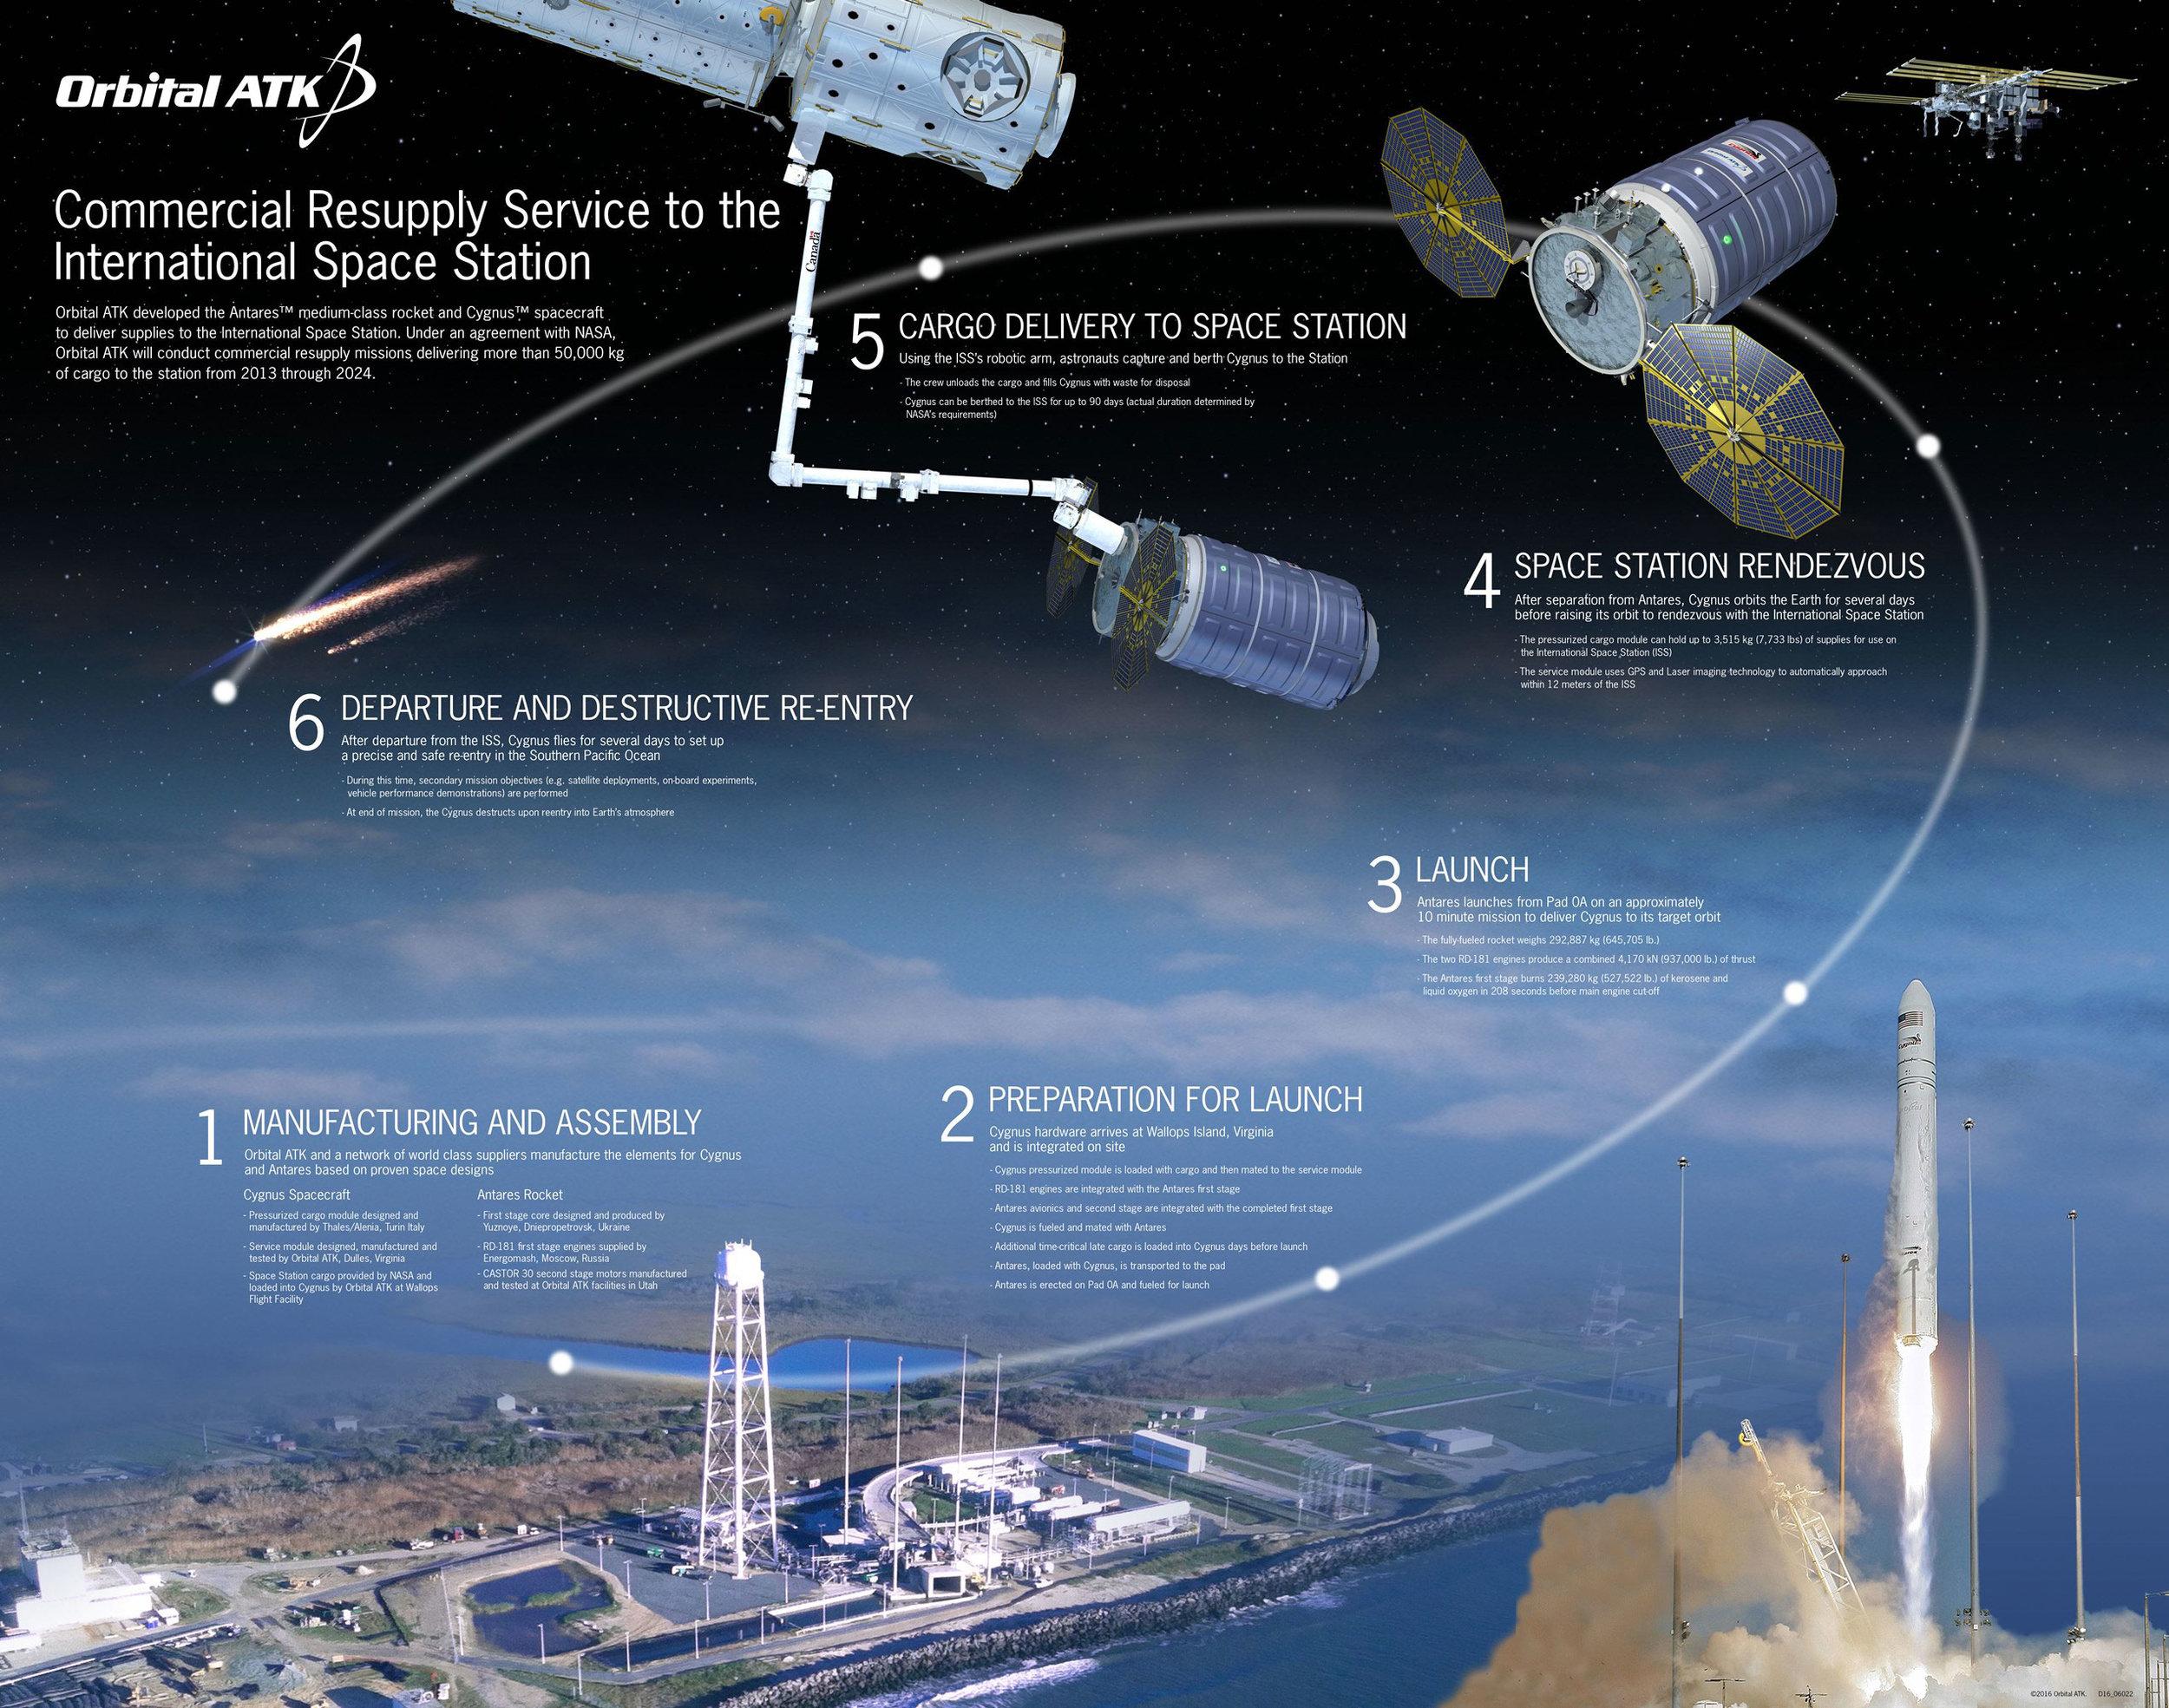 Image courtesy of Orbital ATK